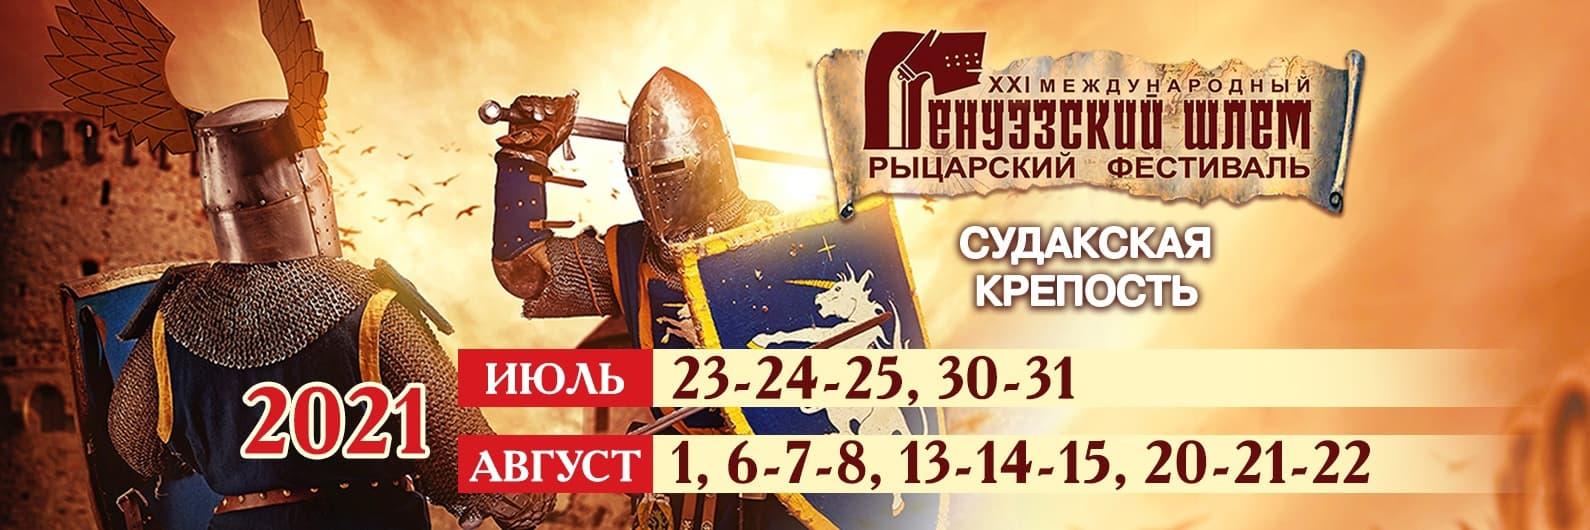 международный рыцарский фестиваль генуэзский шлем 2021